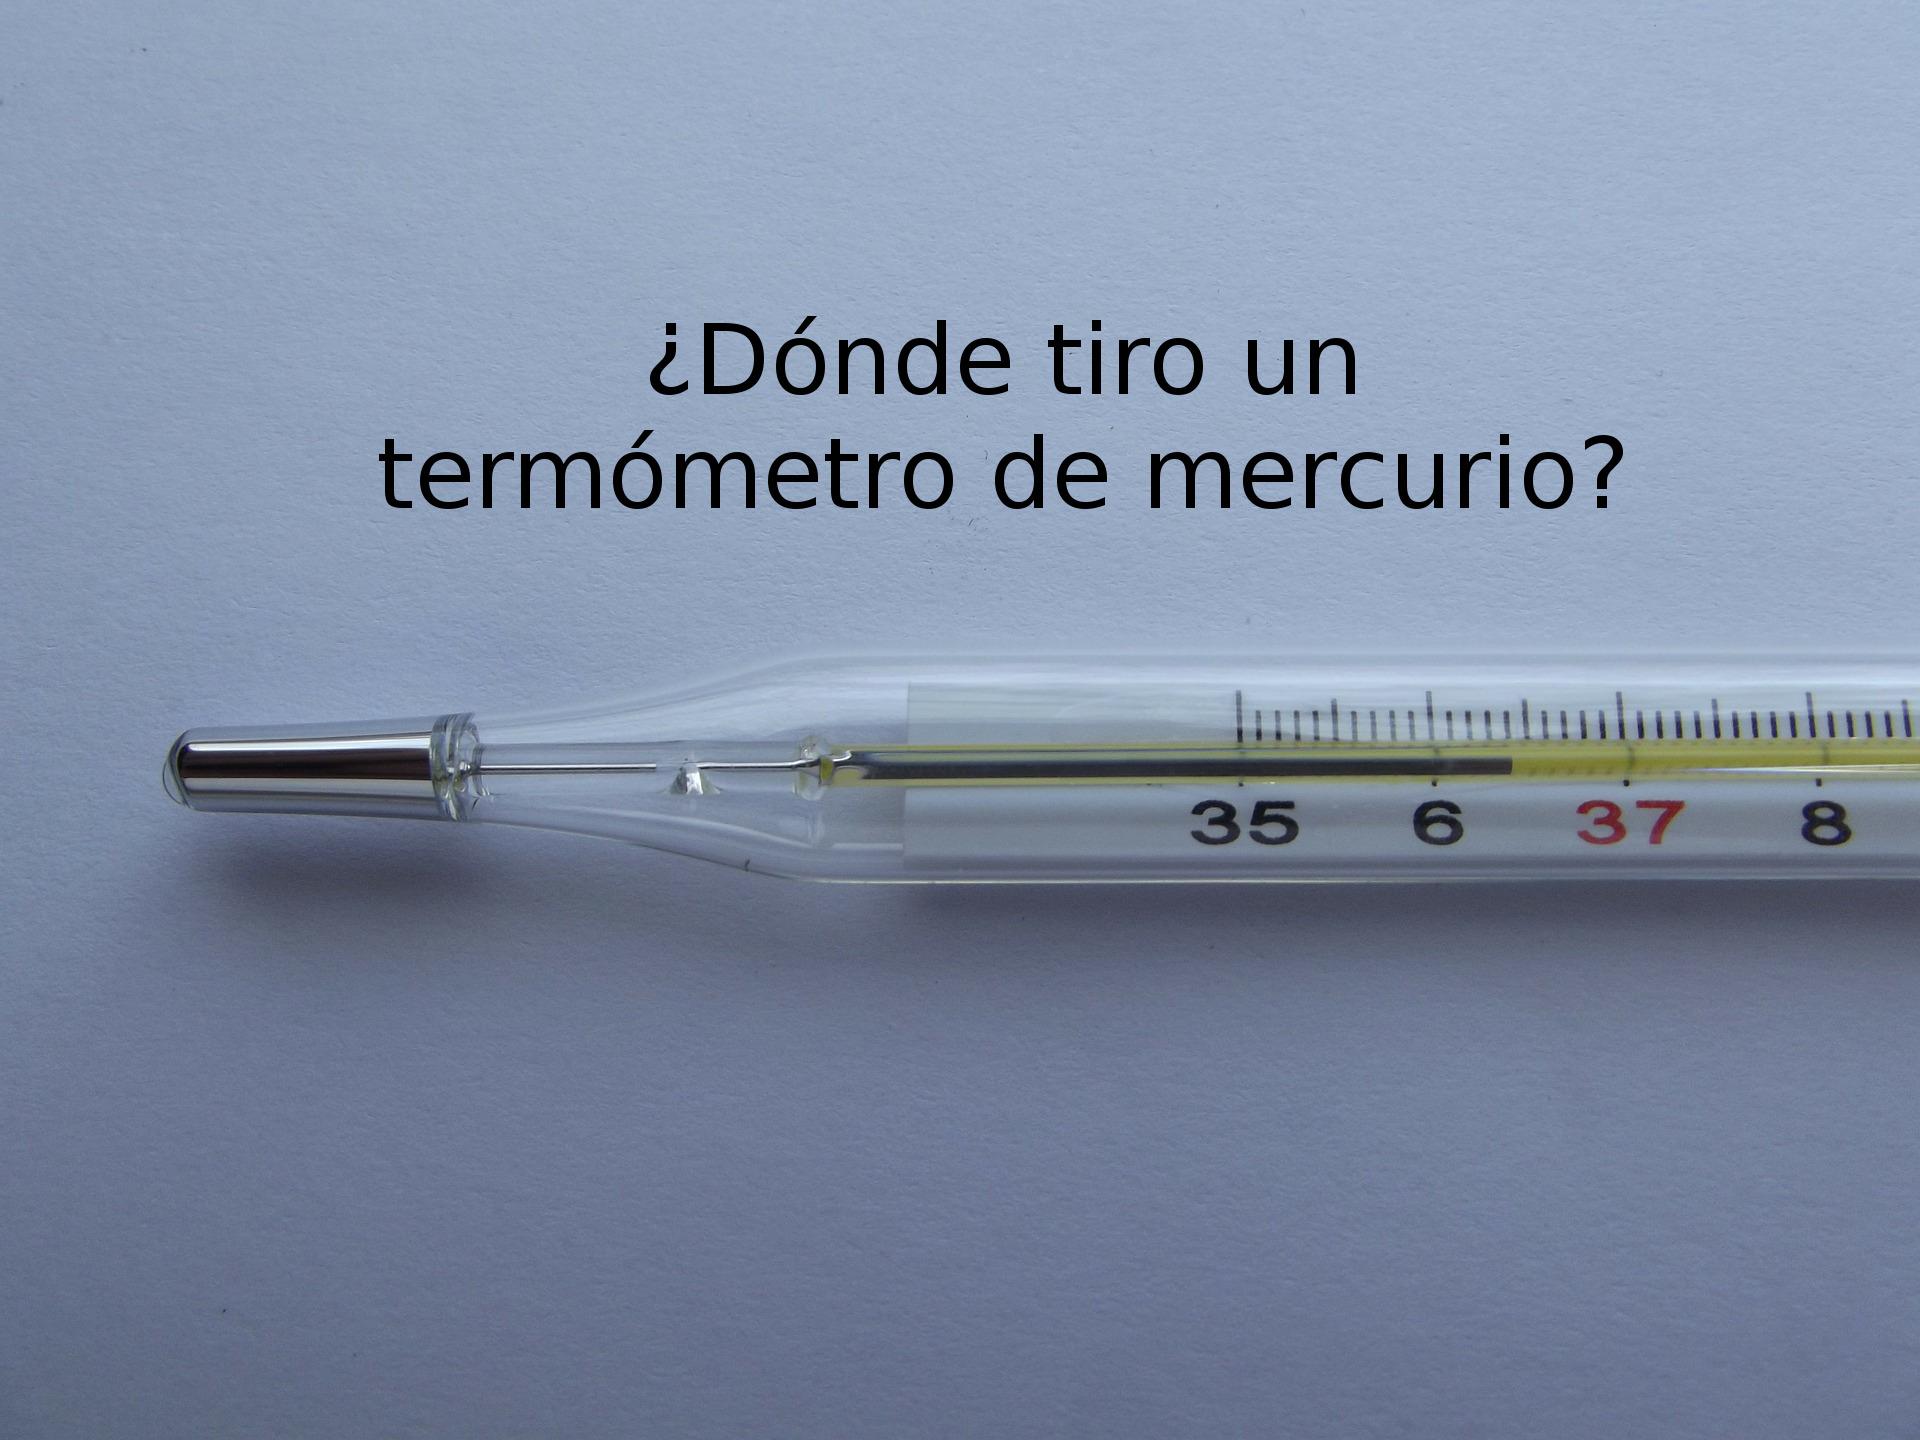 Dónde tiro un termómetro de mercurio